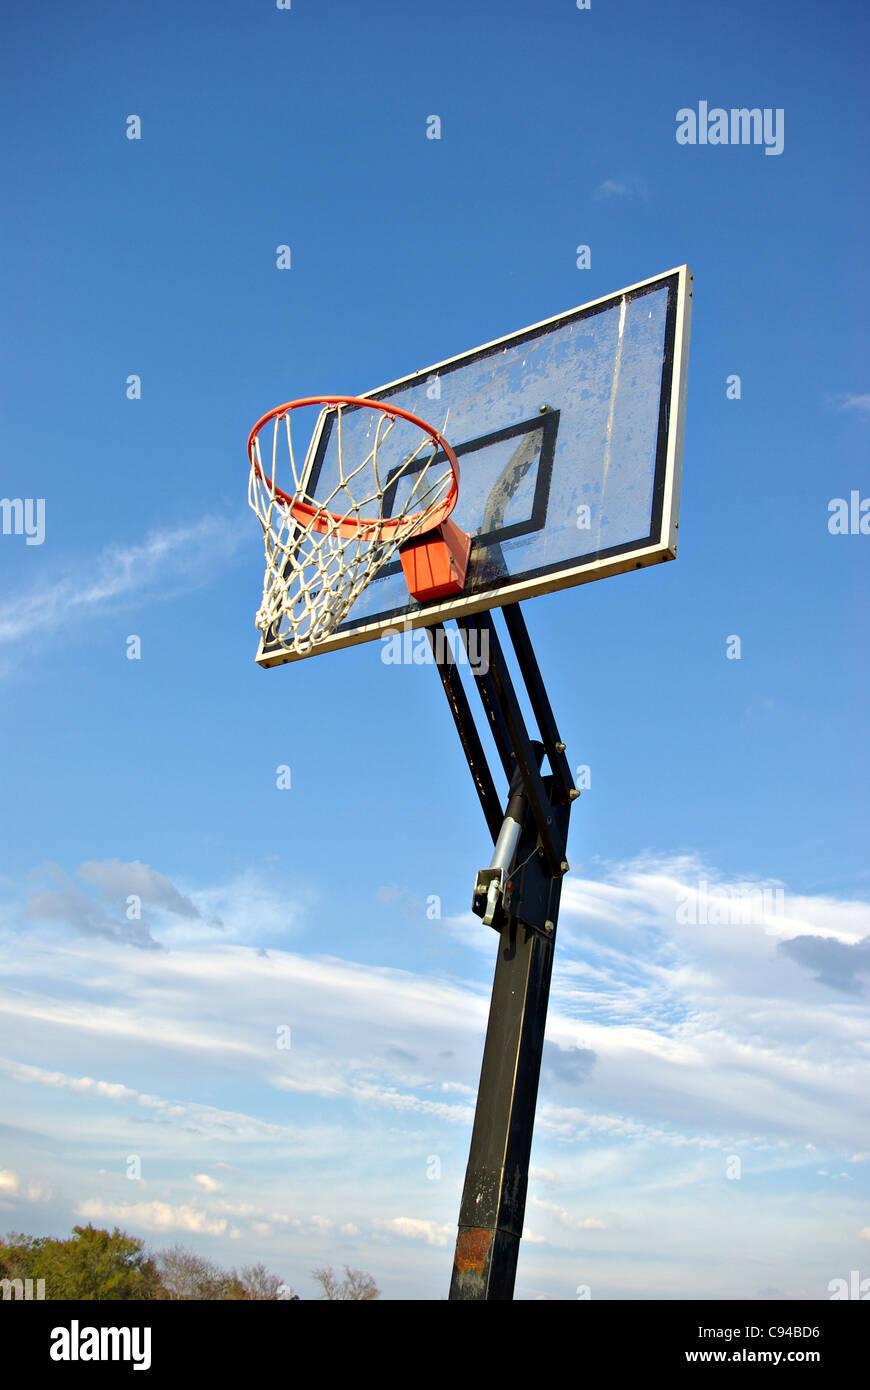 Una palla da basket obiettivo con il cielo per un background nel paese. Immagini Stock